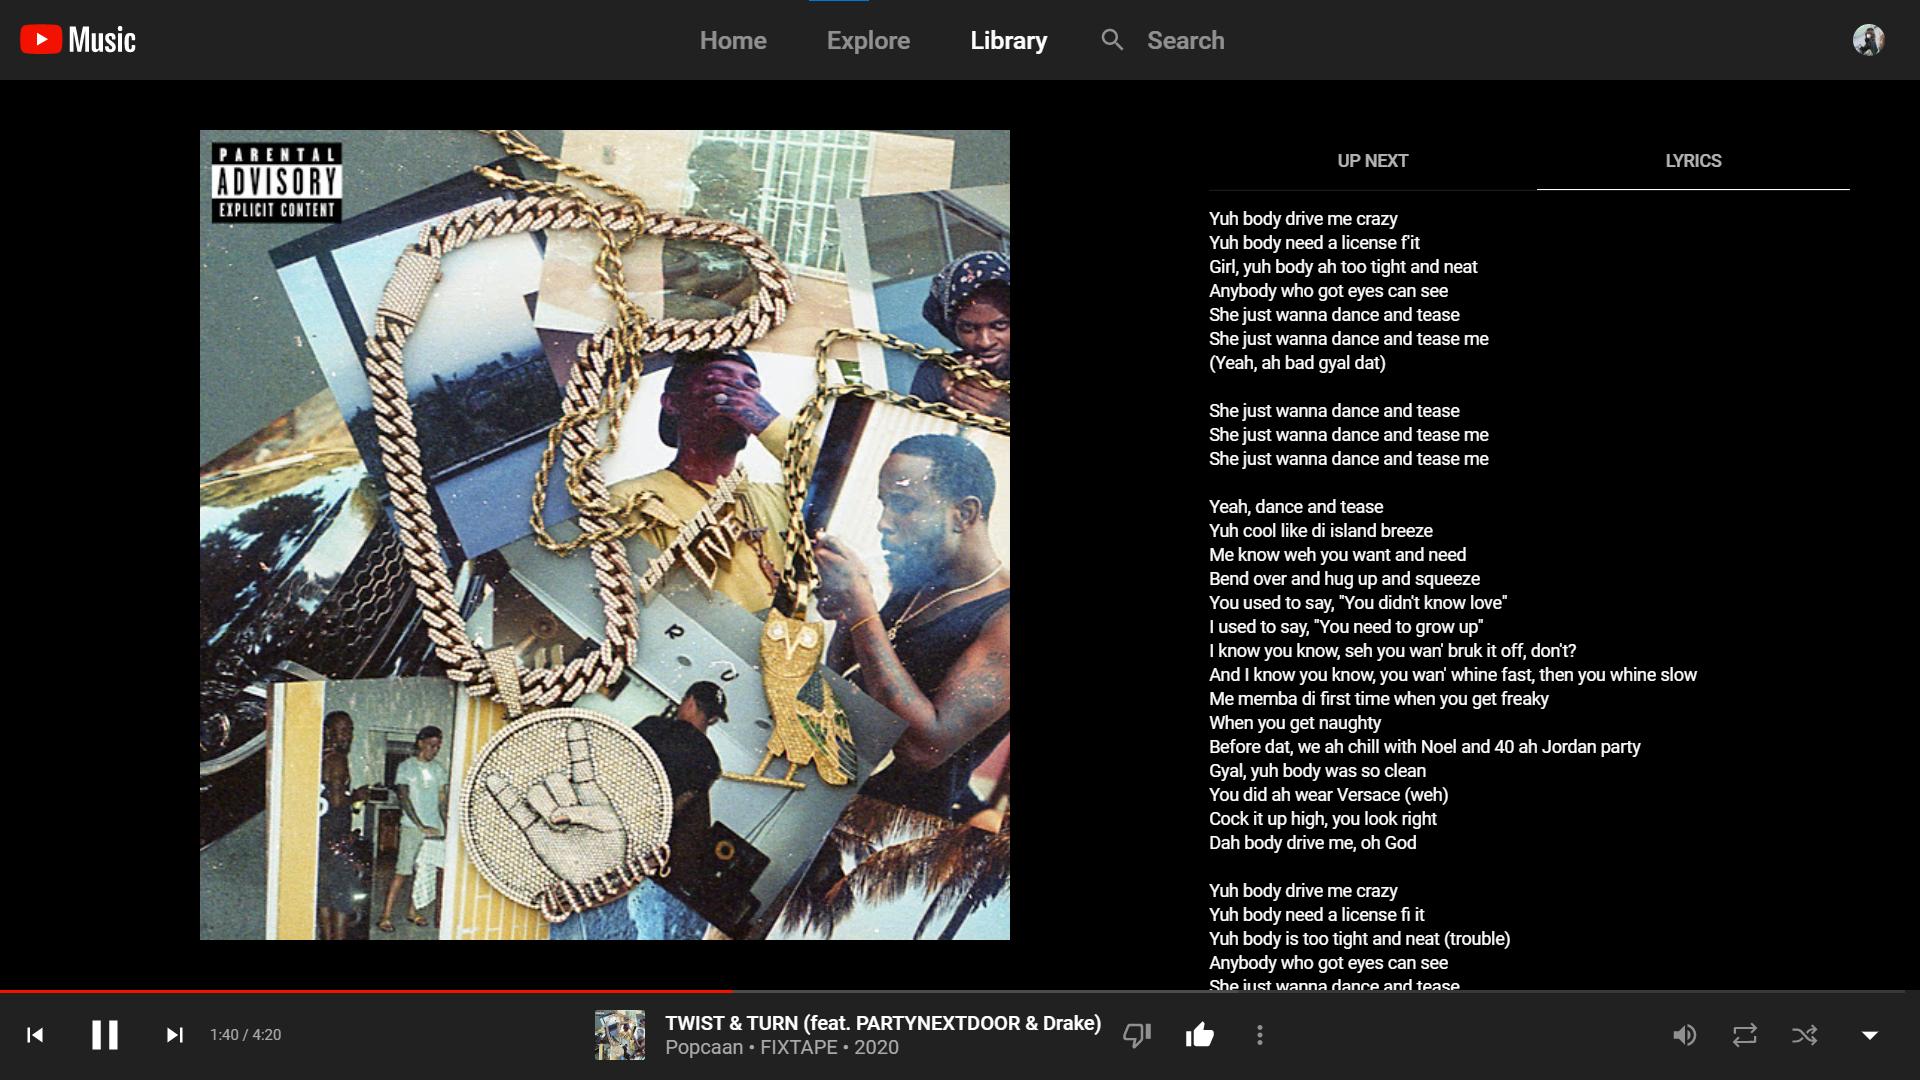 Nova interface do Youtube Music, com duas abas. (Fonte: Youtube via Android Police / Reprodução)